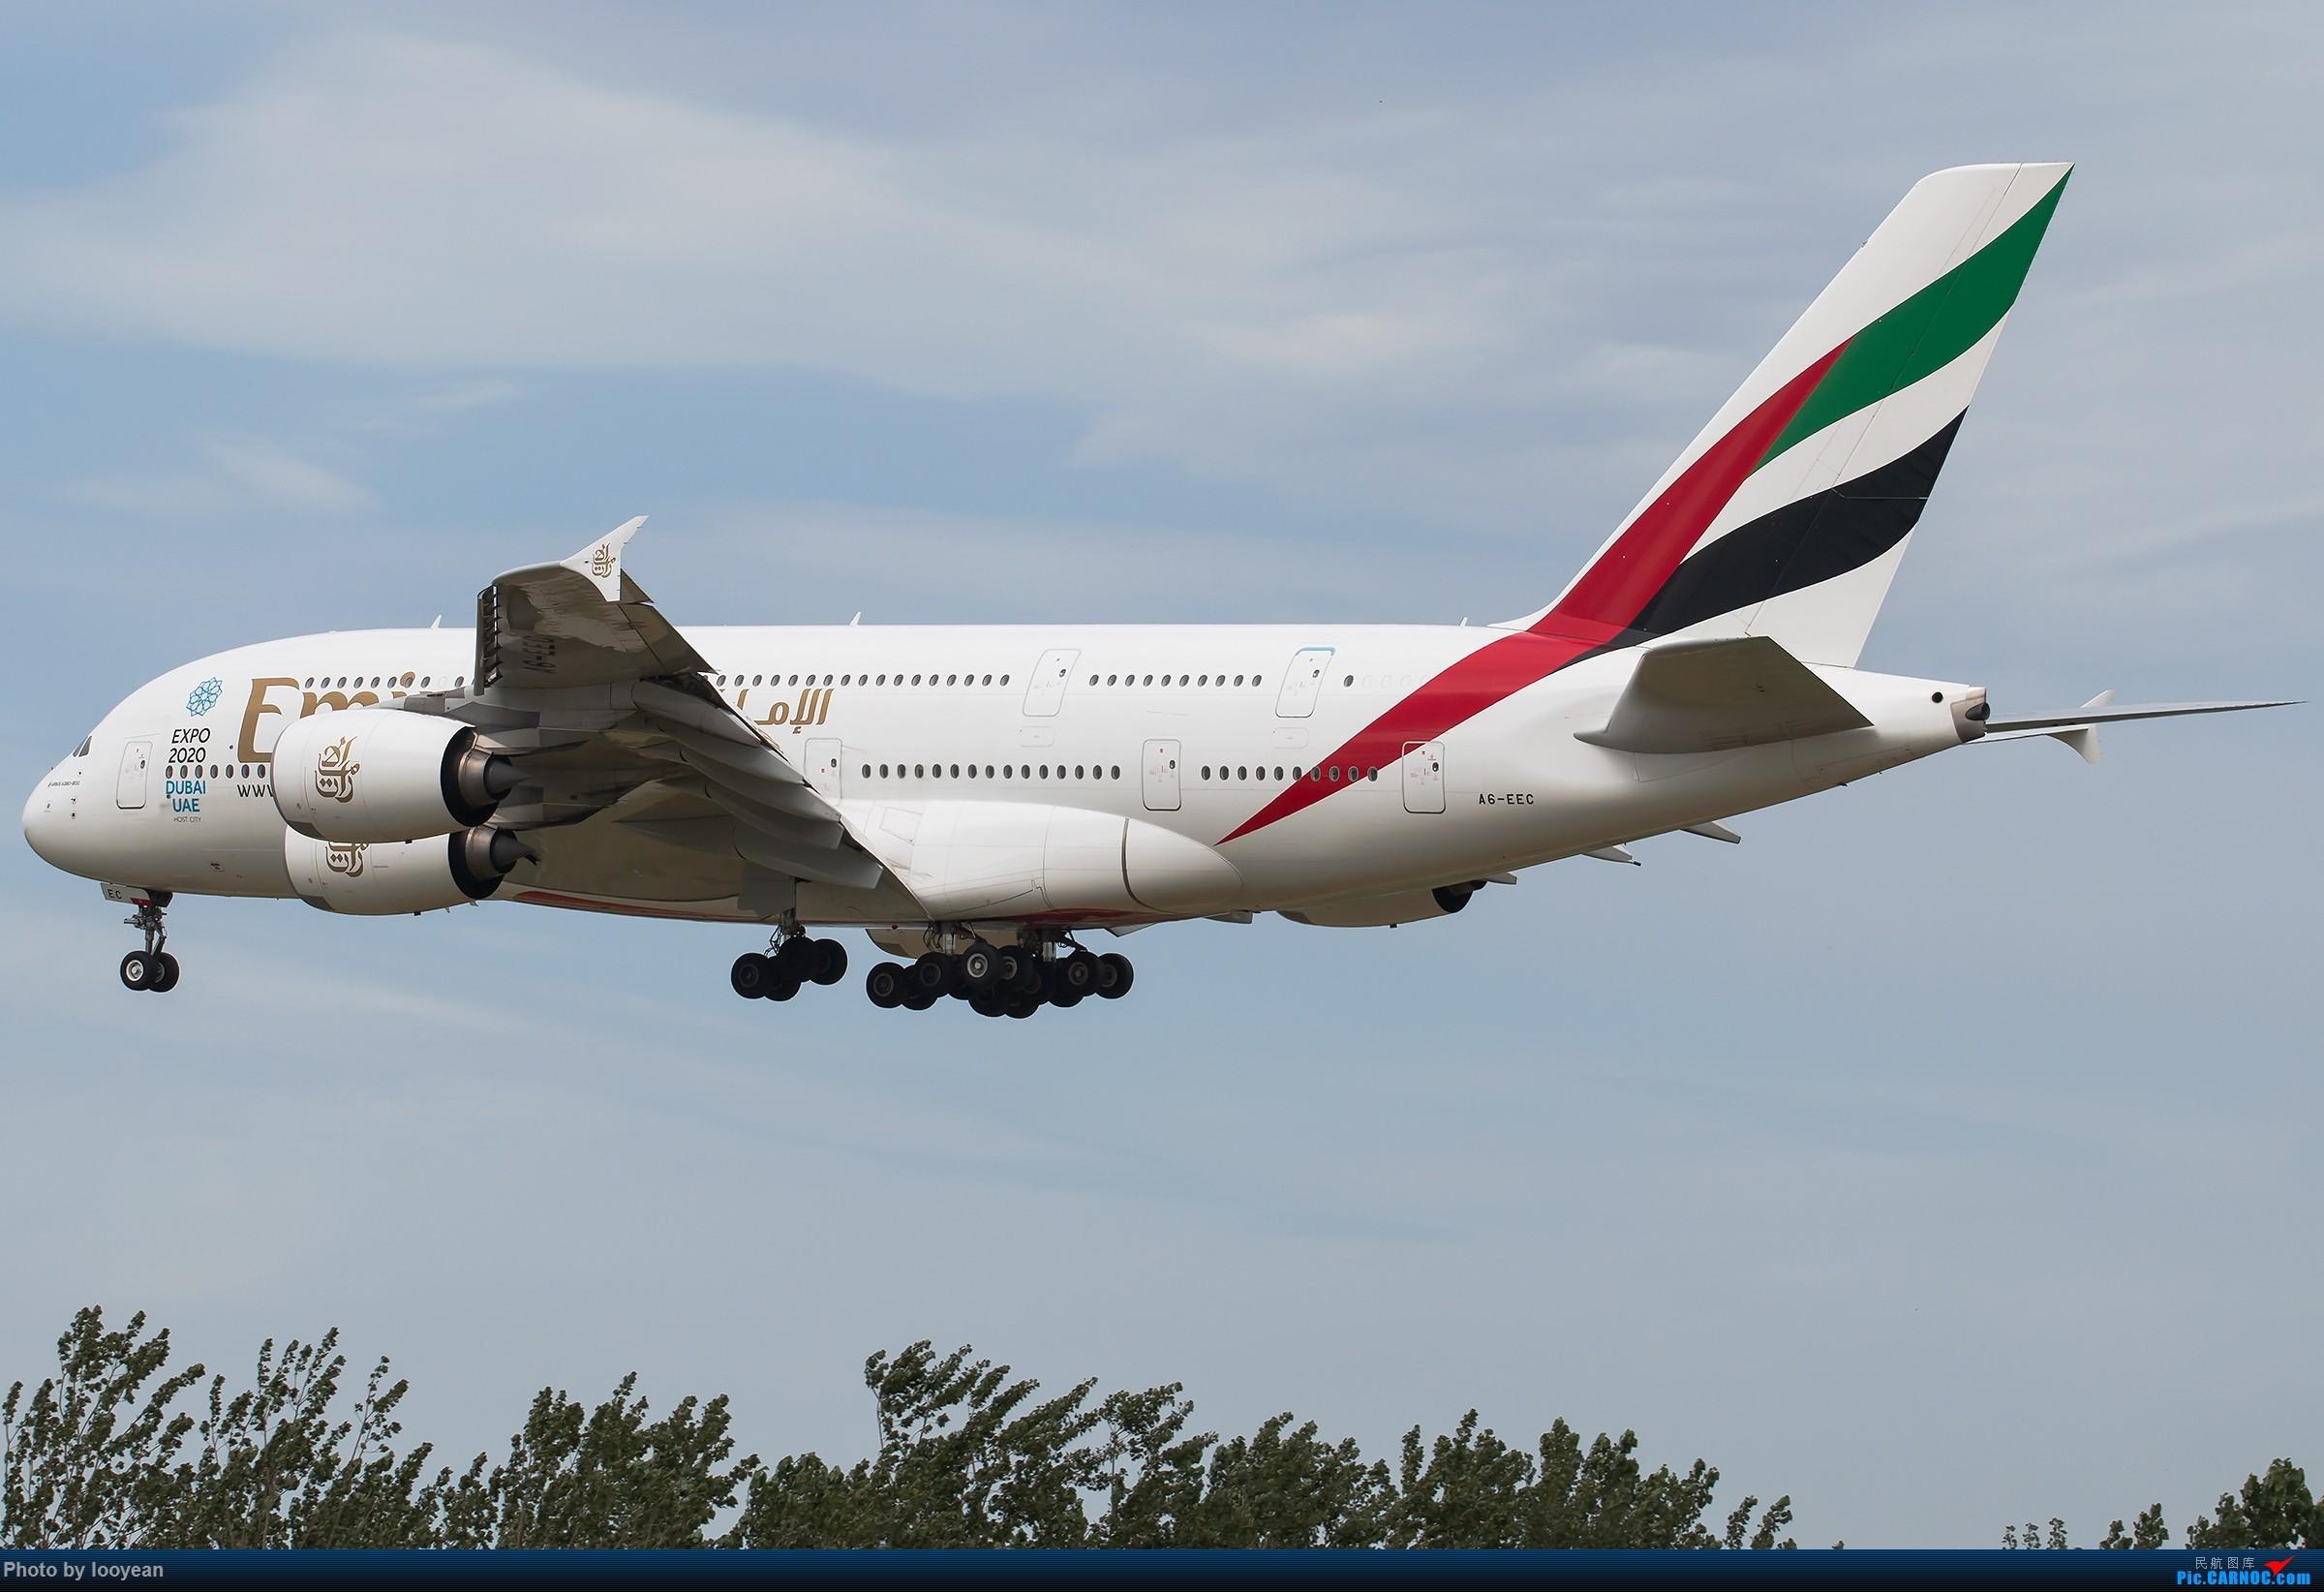 [原创][一图党]土豪A380 [2400*1600] AIRBUS A380-800 A6-EEC 中国北京首都国际机场